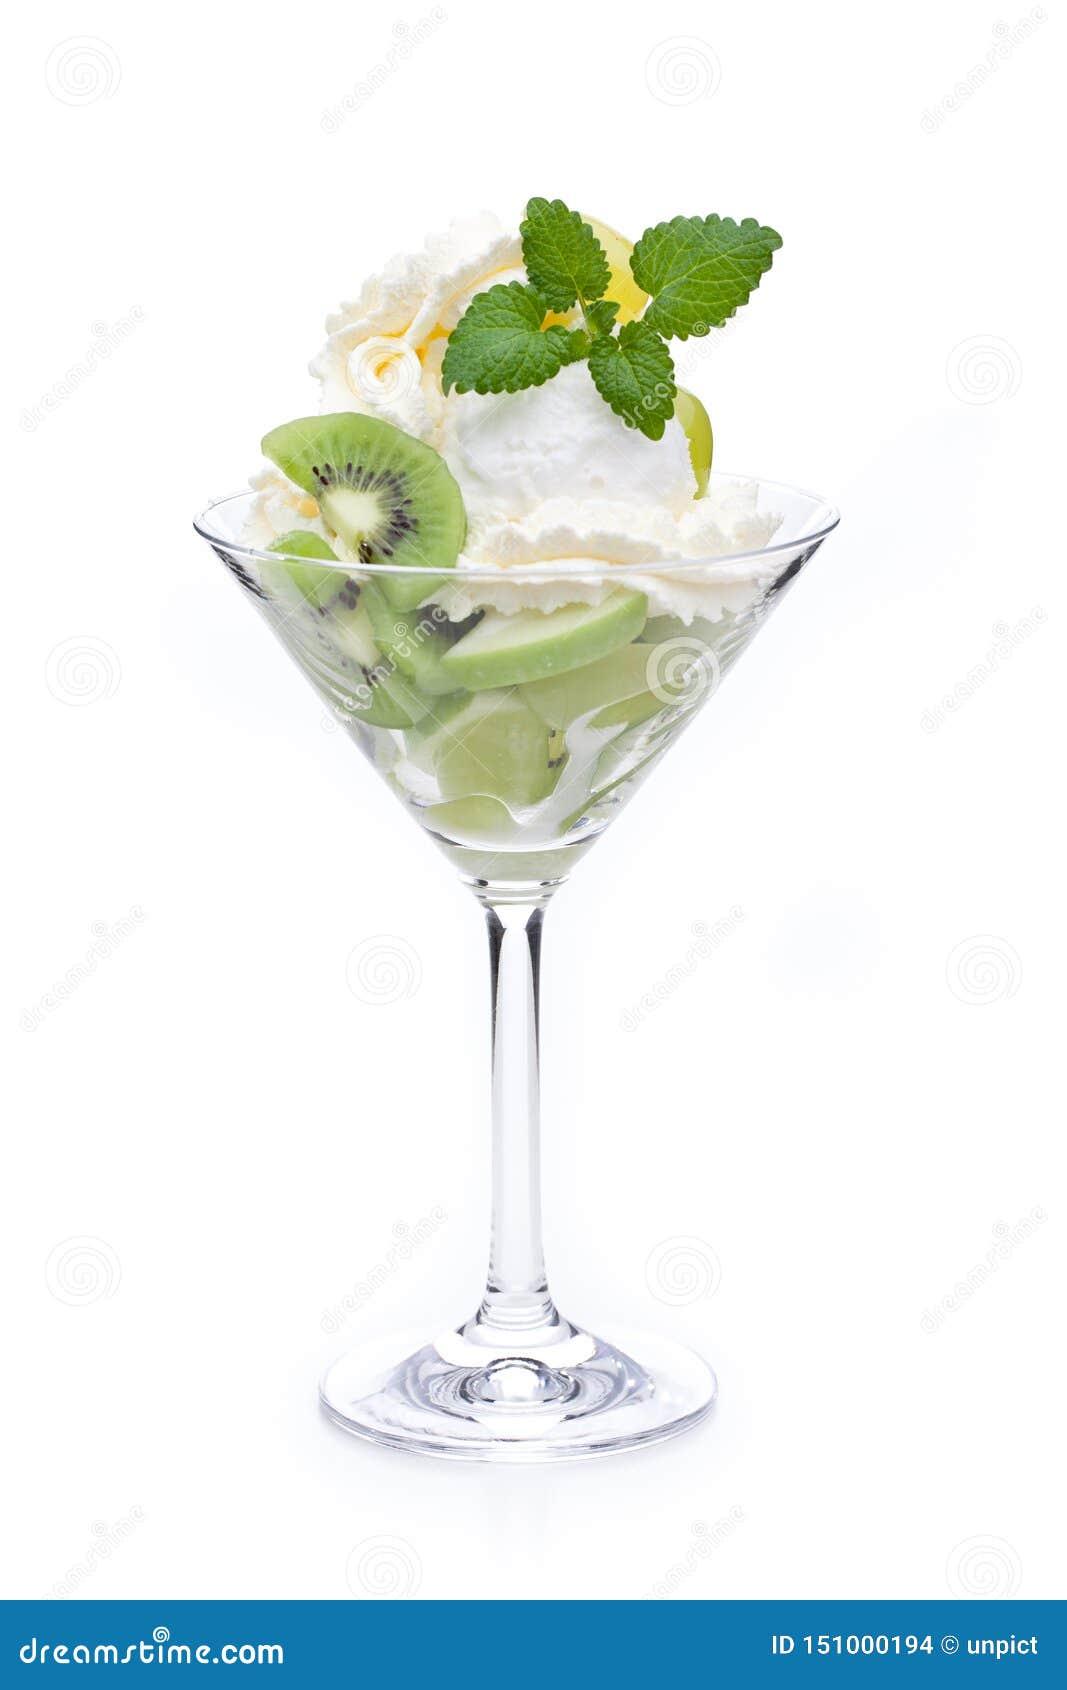 Um copo do gelado do limão decorado com quivis e folhas de hortelã